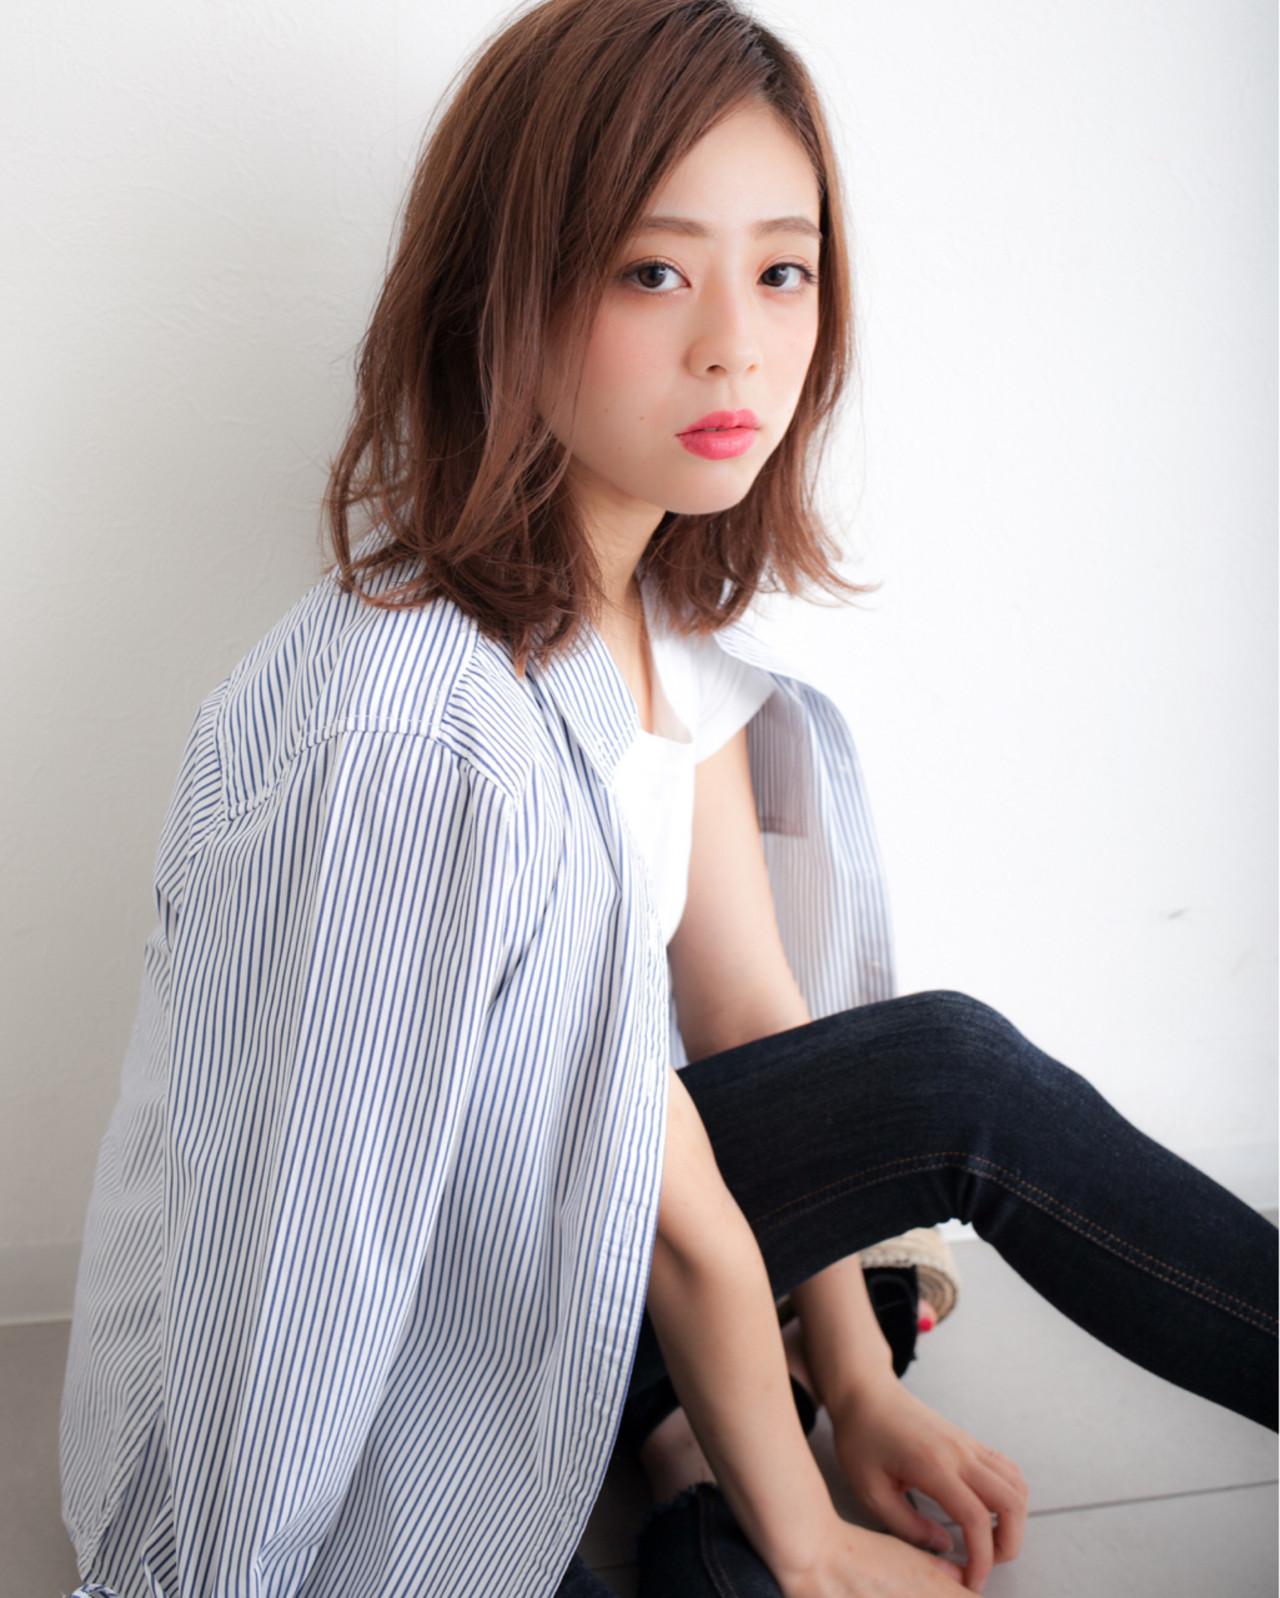 パーマ ナチュラル ゆるふわ ミディアム ヘアスタイルや髪型の写真・画像 | 高田 紘希 / Rr hair salon